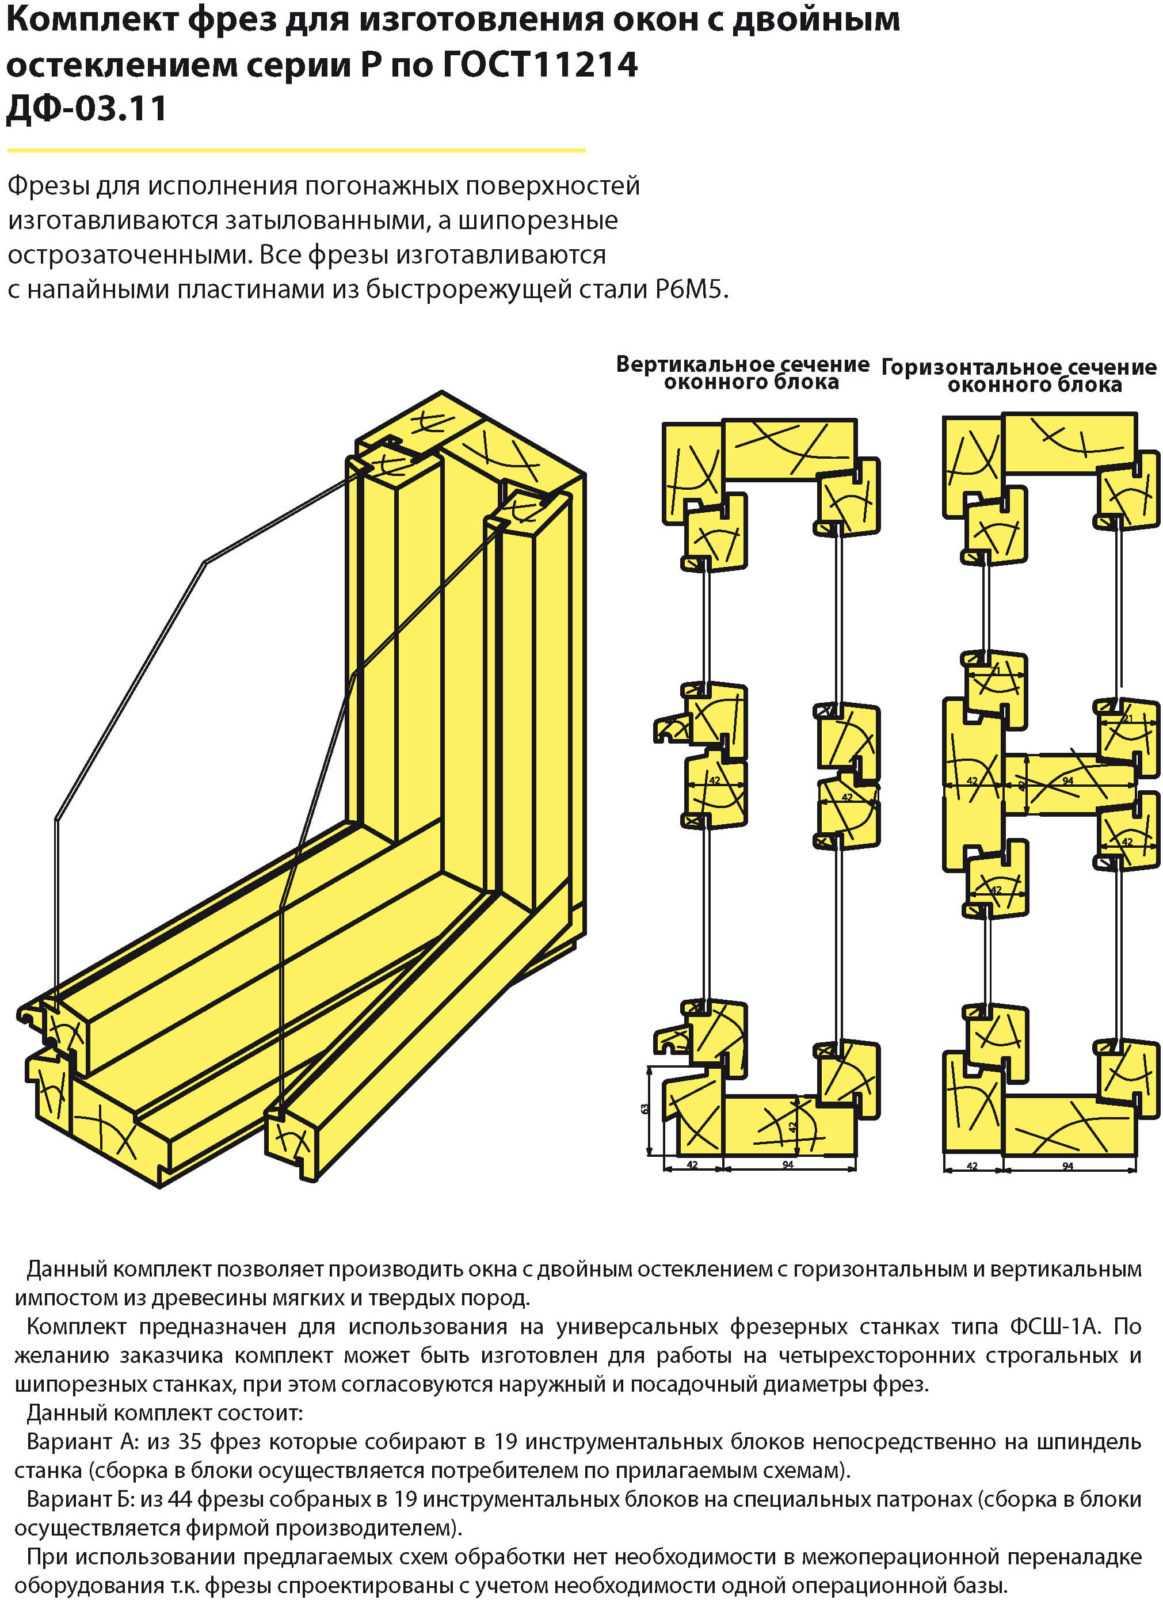 Фрезы для изготовления евроокон из дерева